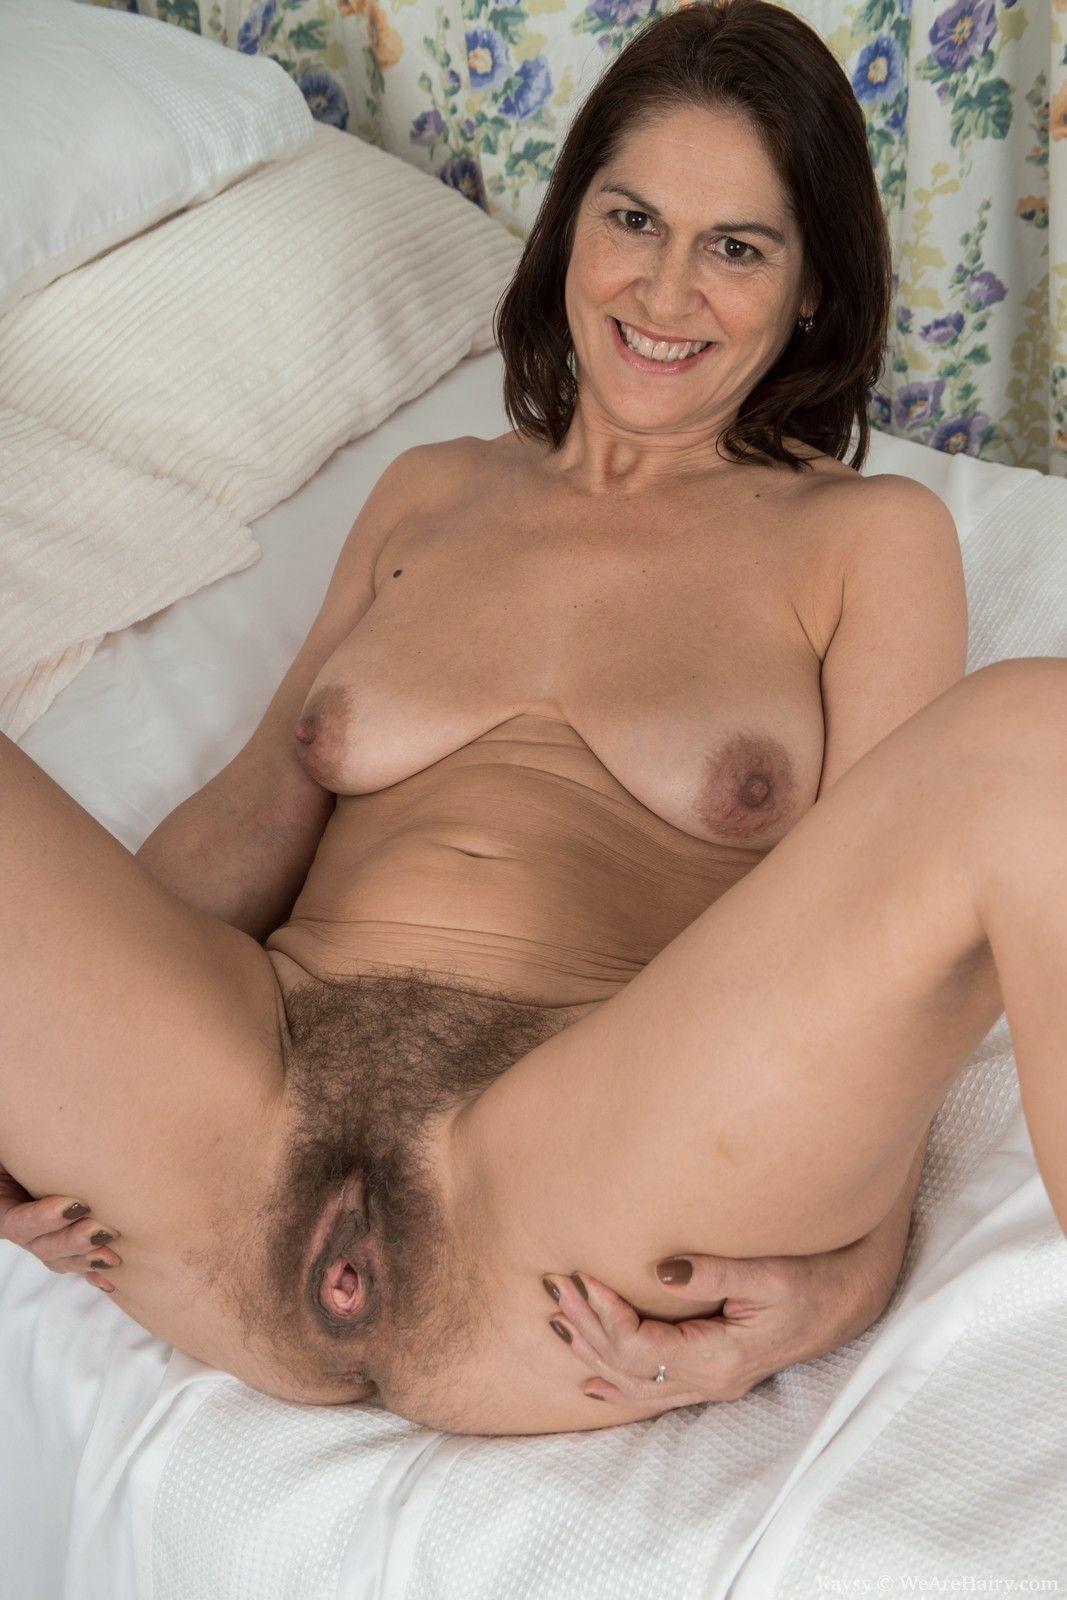 Boy stripped by boys